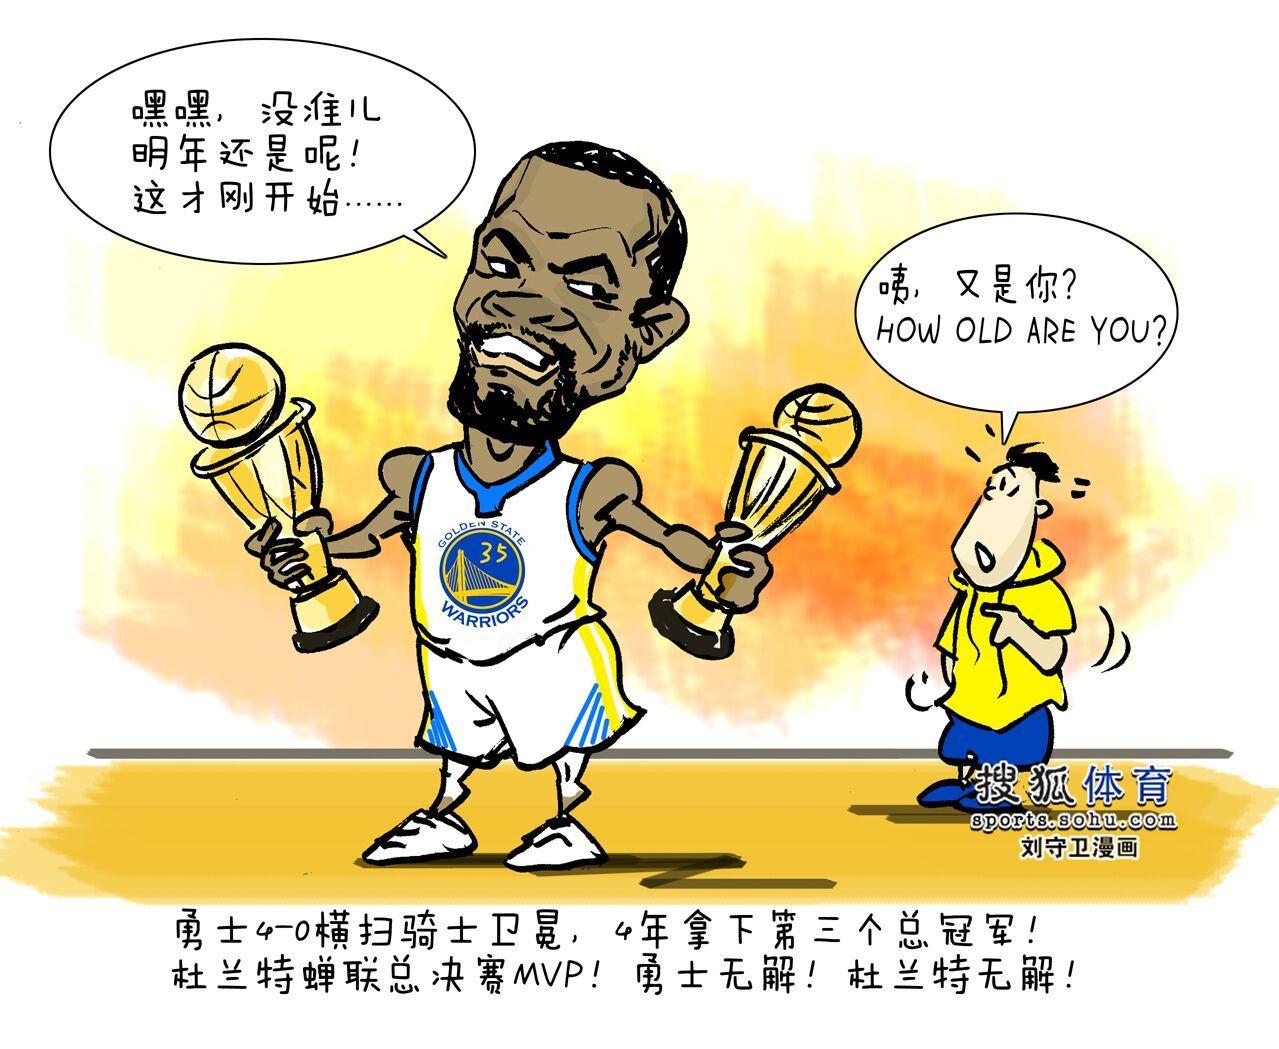 博洛尼亚vs卡利亚里 NBA漫画:第四年相遇送你一个四比零 杜兰特FMVP